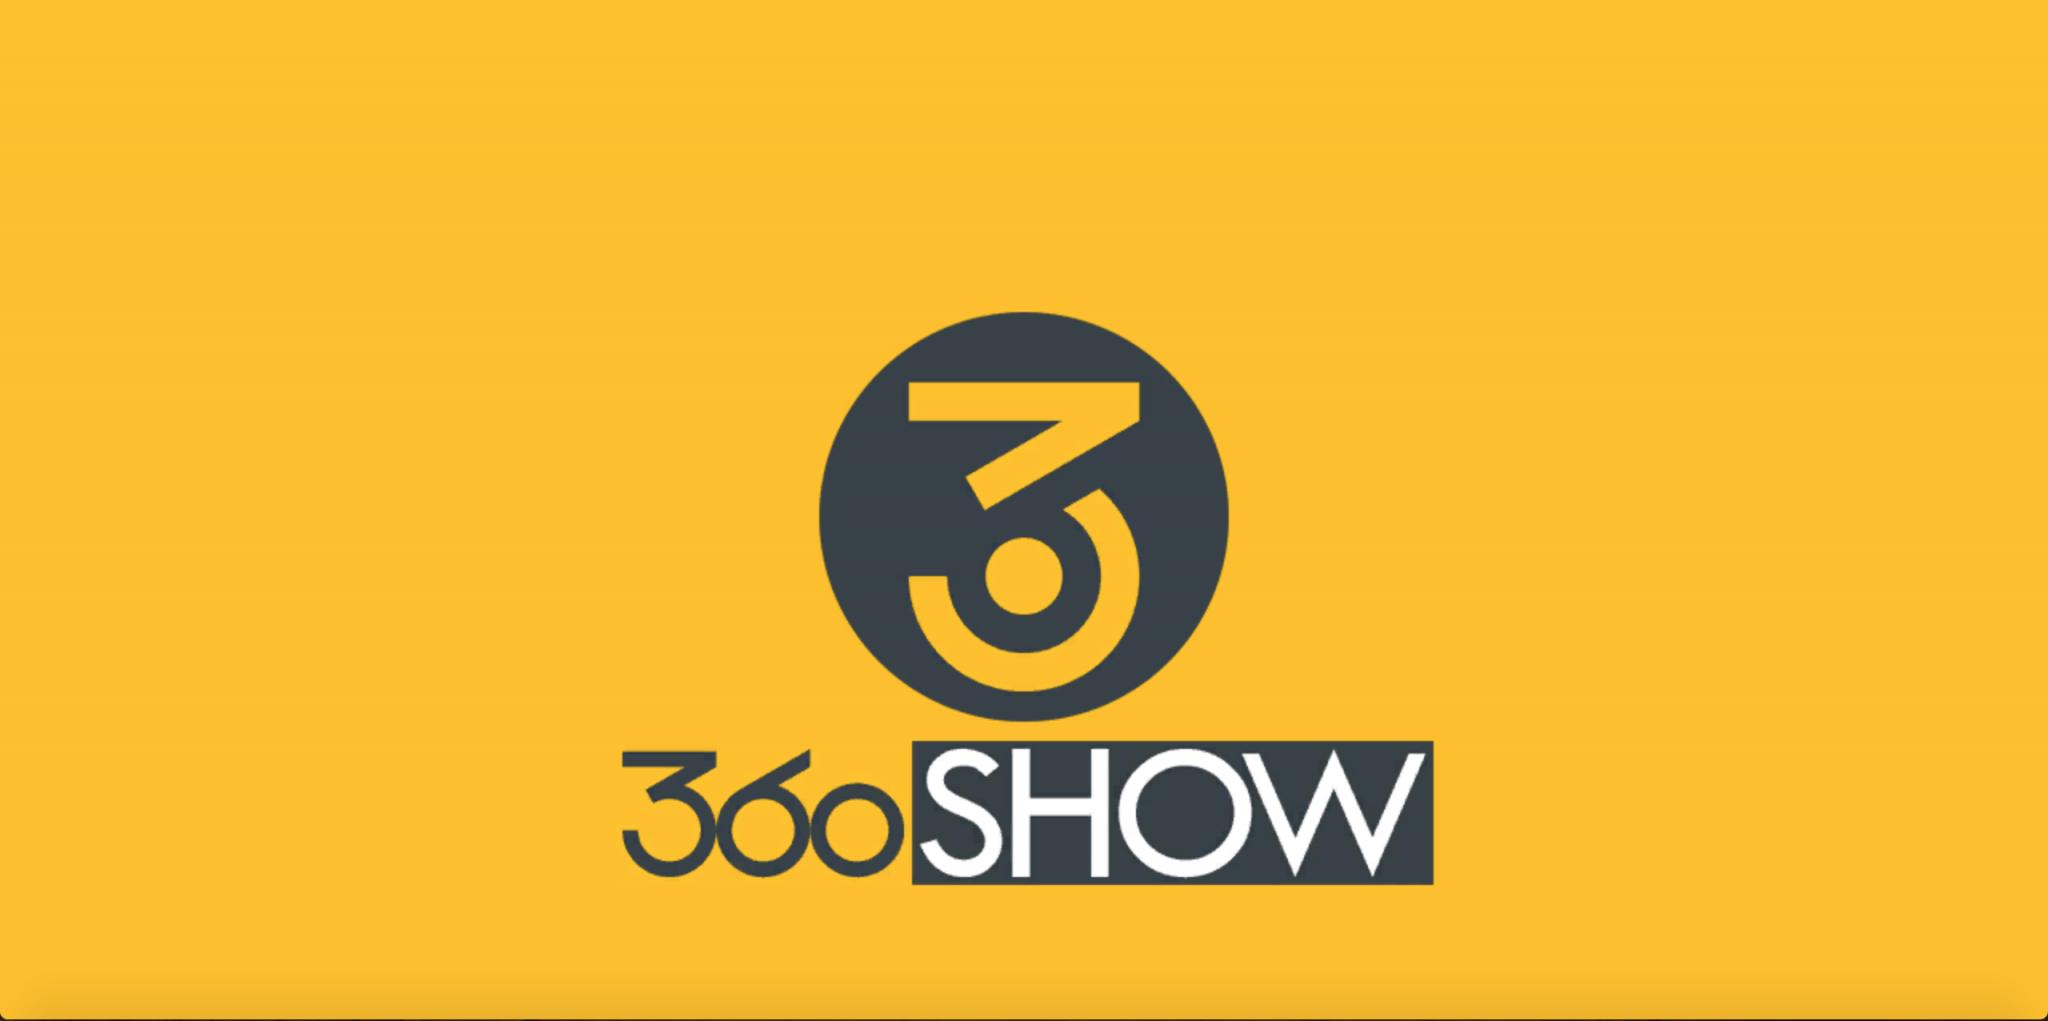 360Show